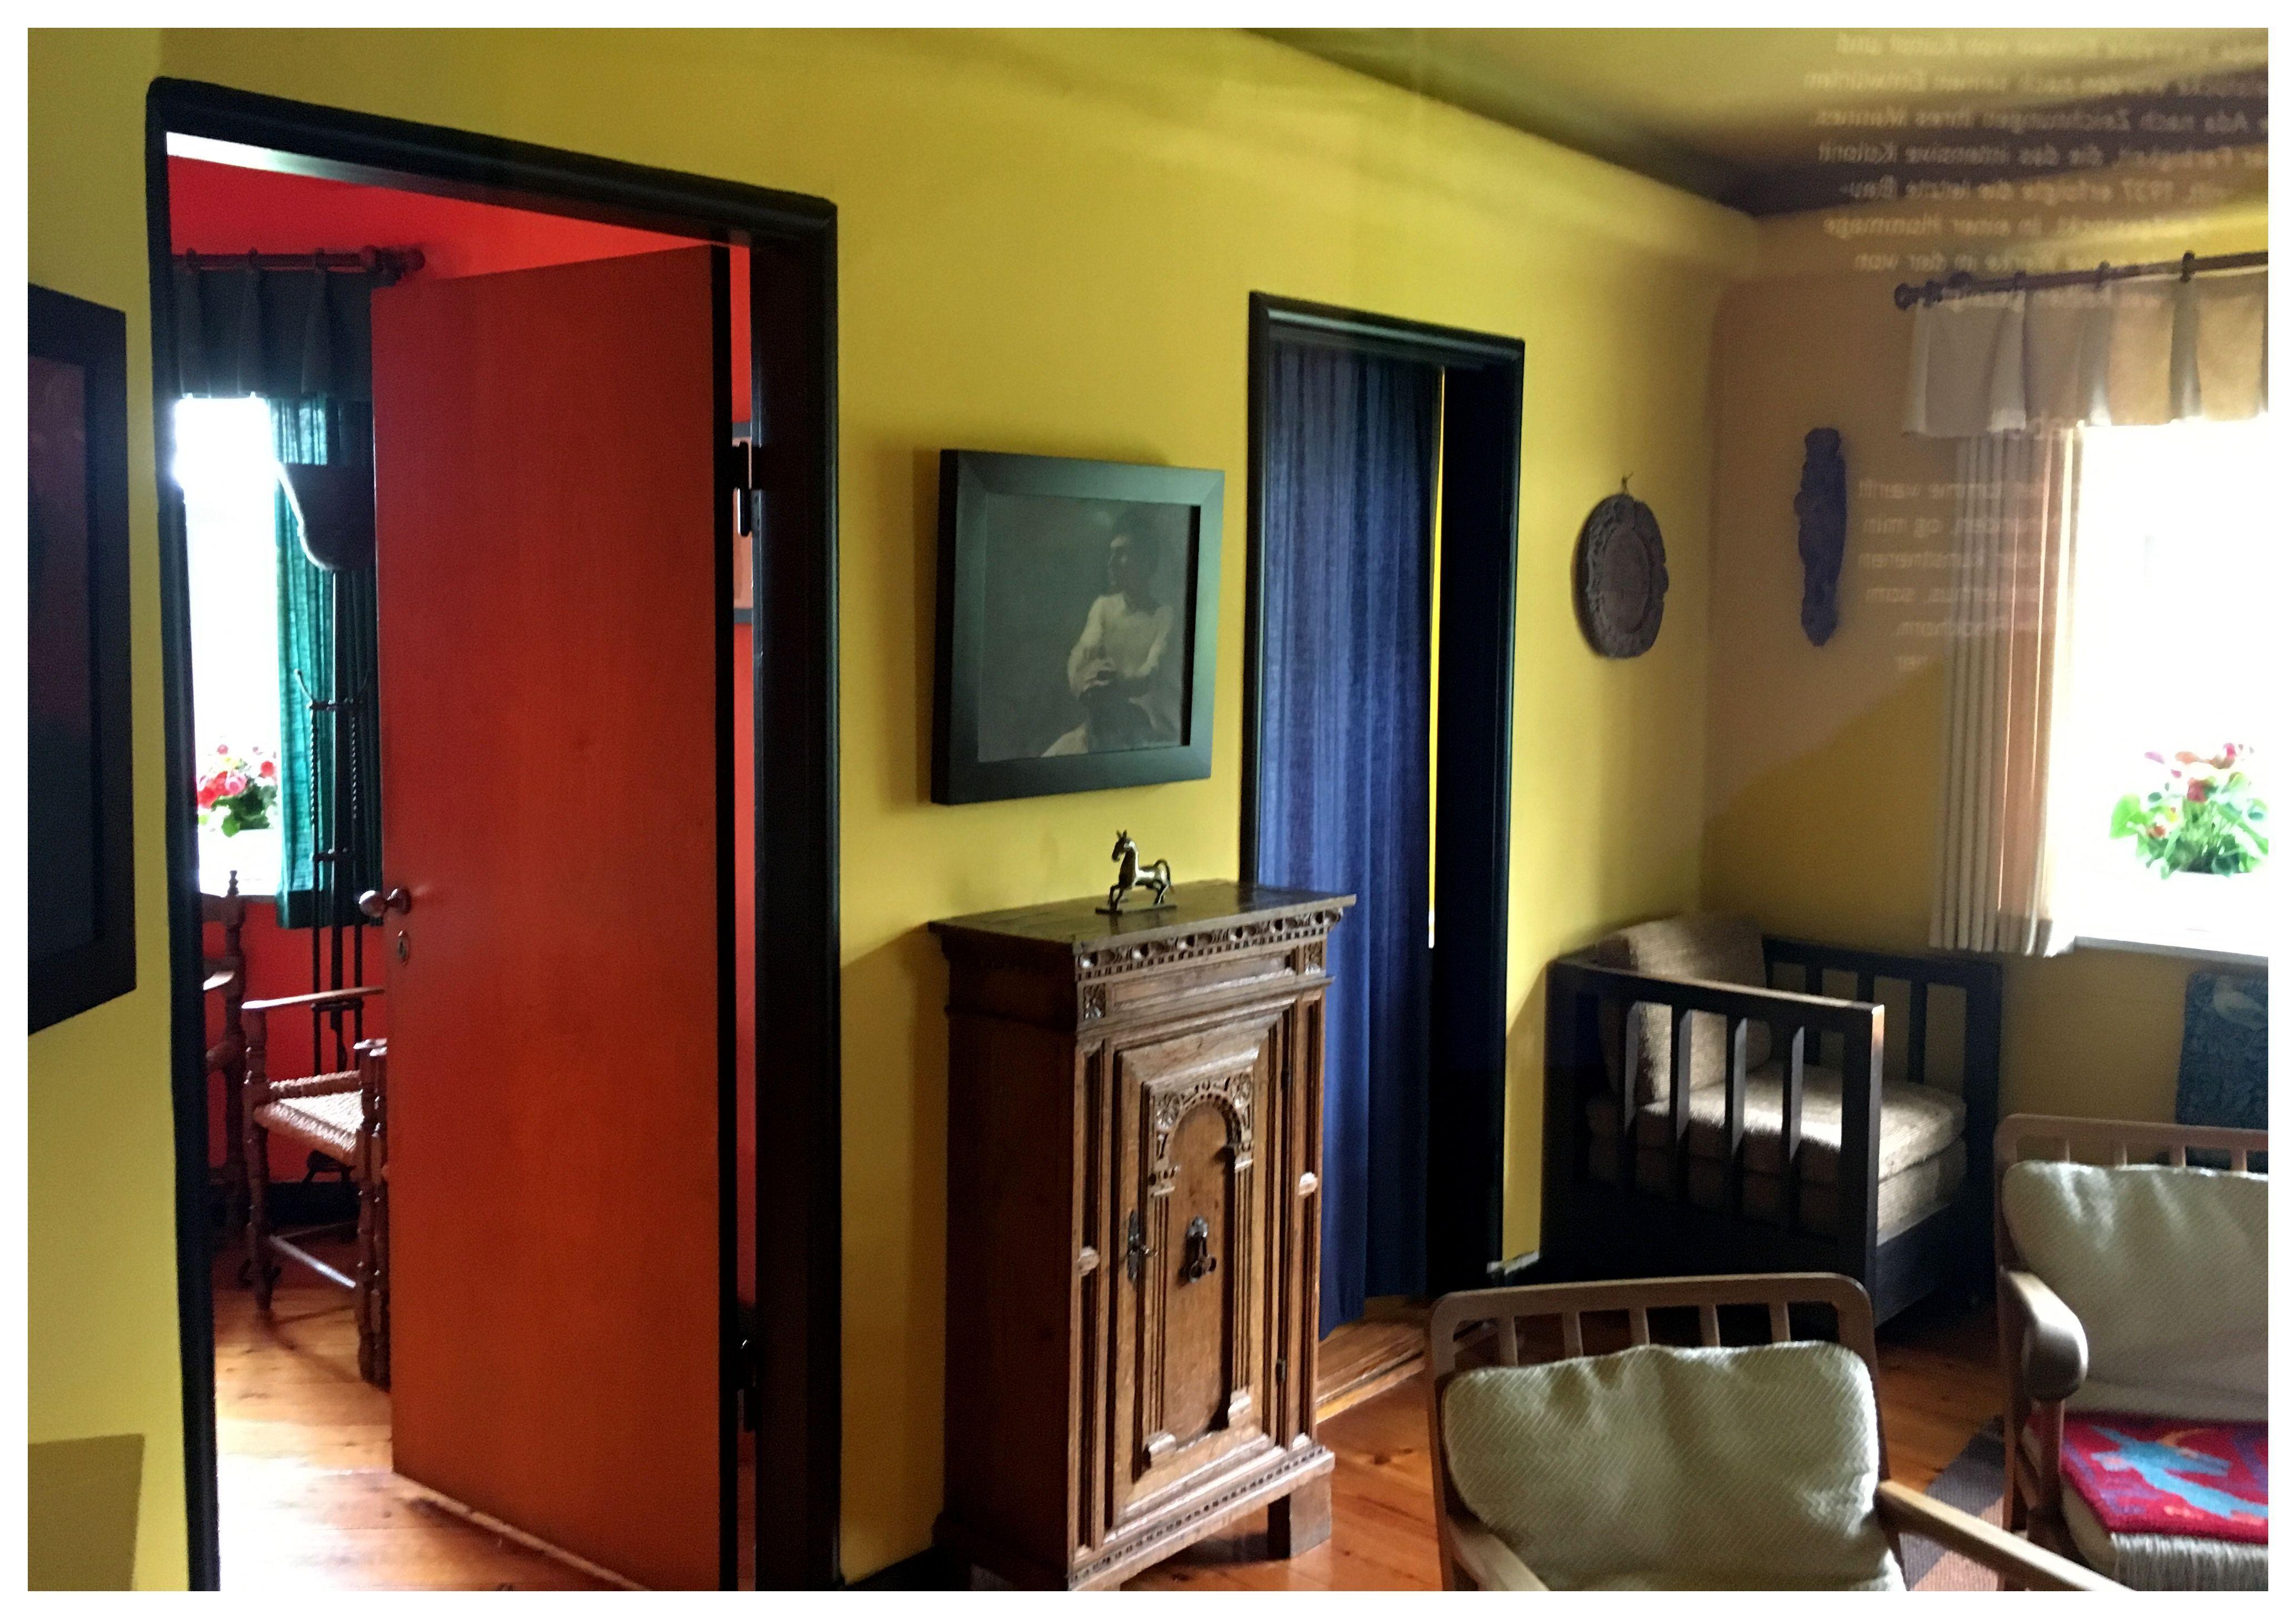 Interieur huis emil nolde foto lucie museumkijker